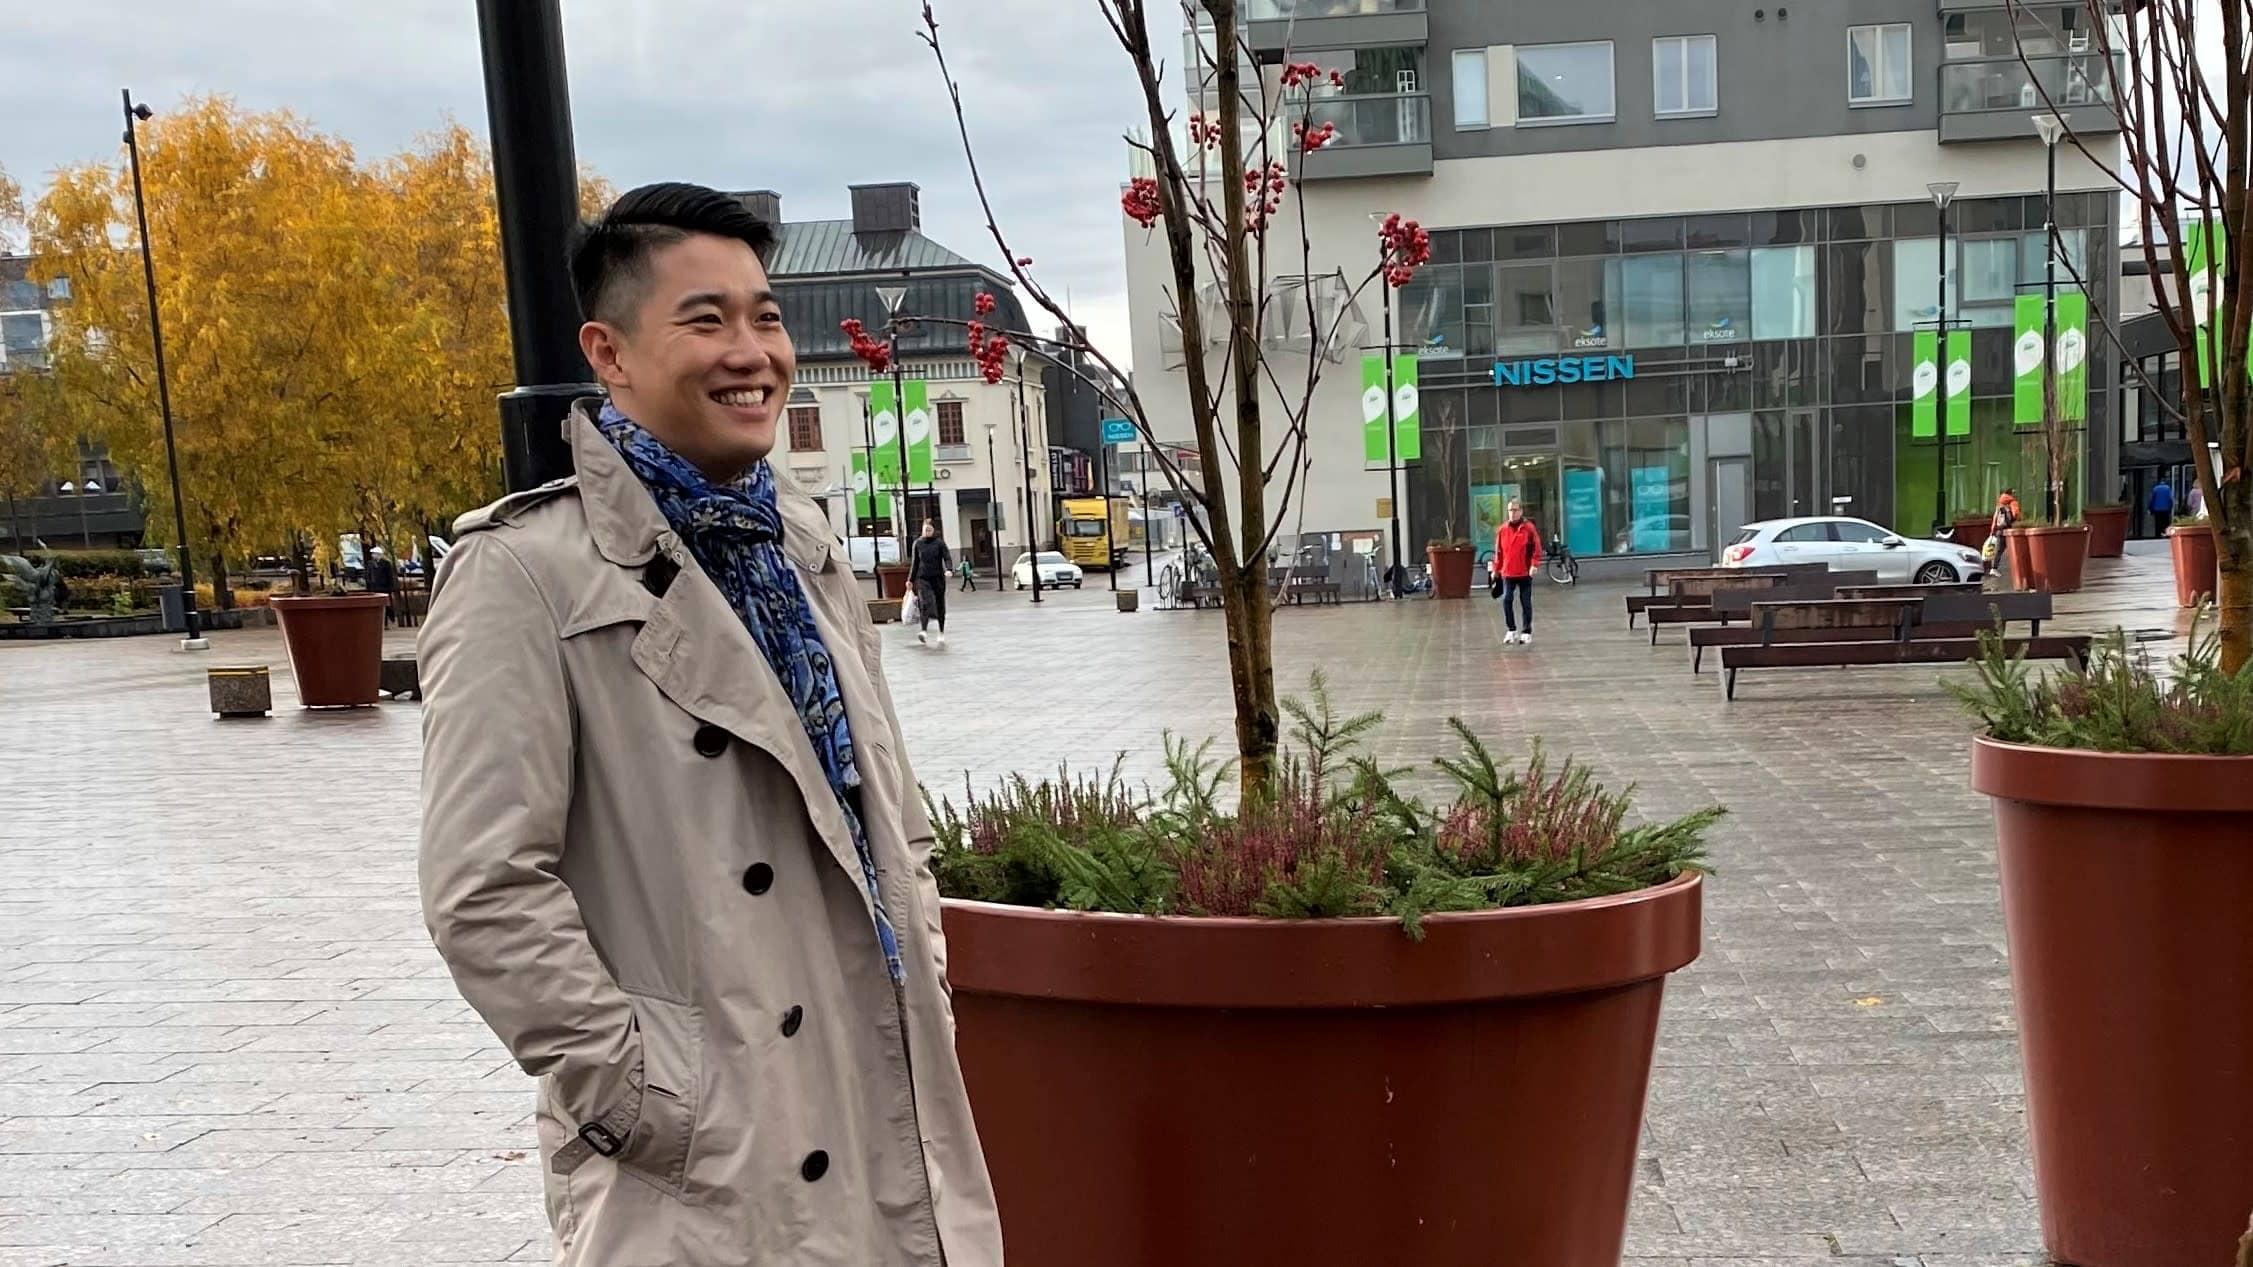 Lappeenrantalainen Etelä-Karjalan liiton yhteyspäällikkö, Aasia-asiantuntija Ding Ma.